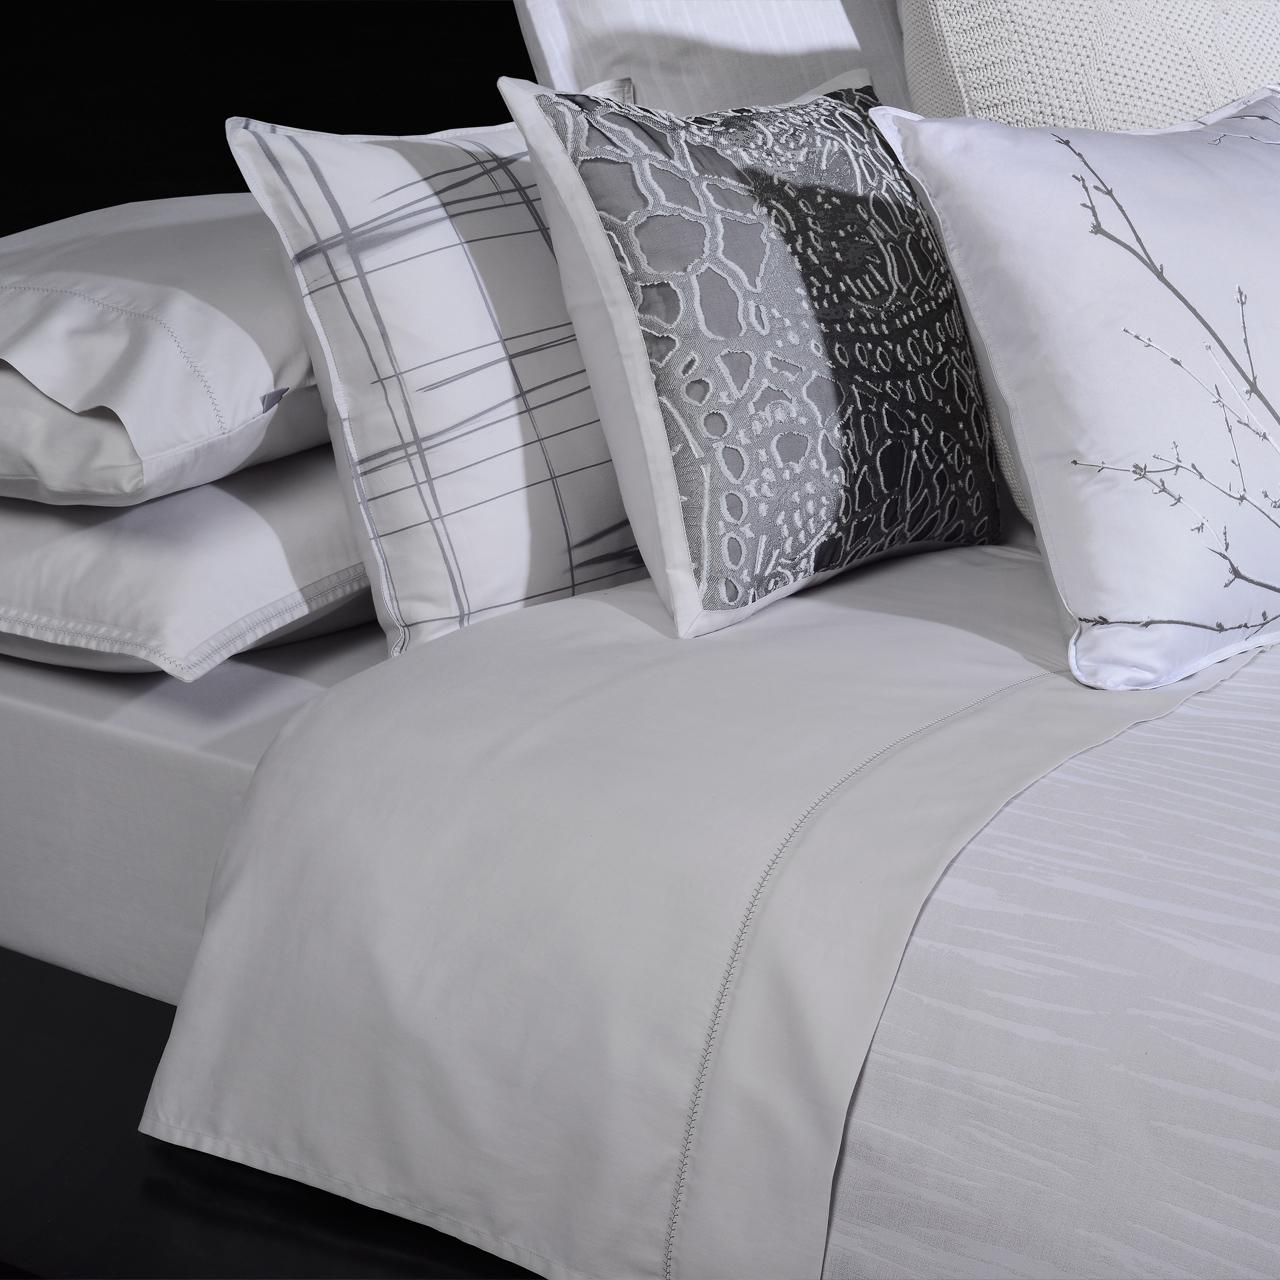 フラットシーツ / Home Concept(ホームコンセプト) / MELODY